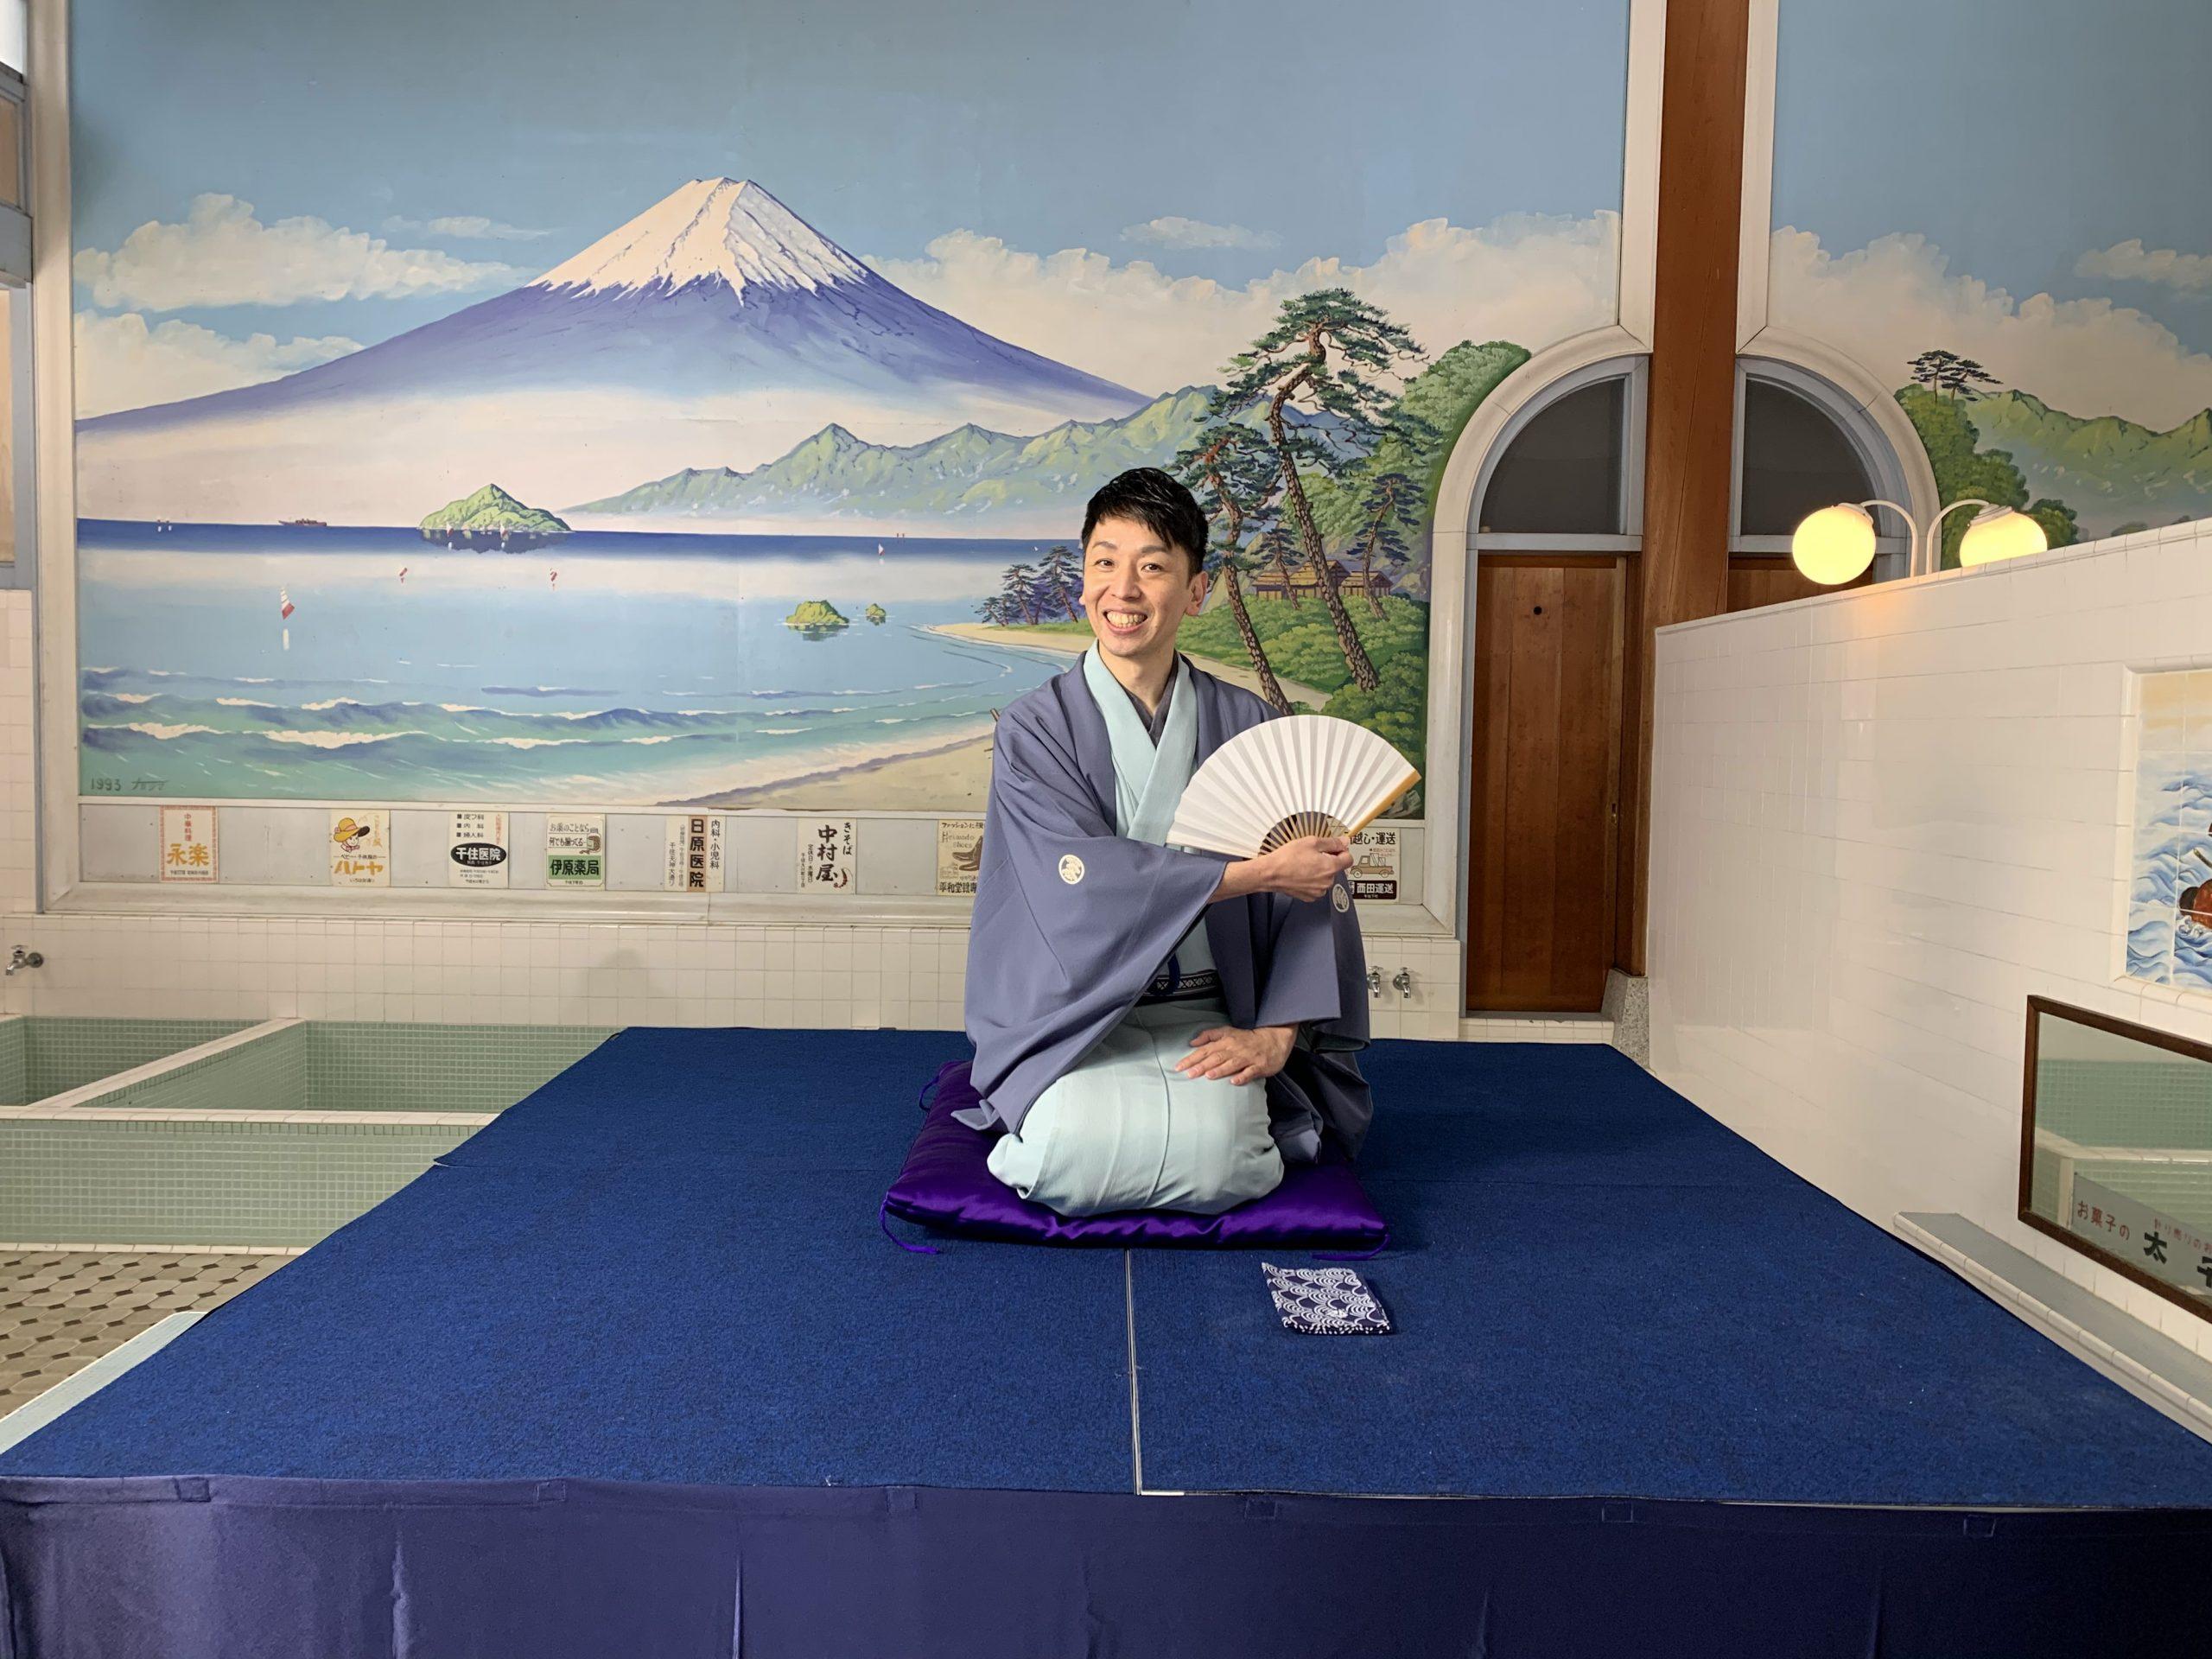 落語家 立川晴の輔さん。富士山の壁画がかかれた銭湯にて